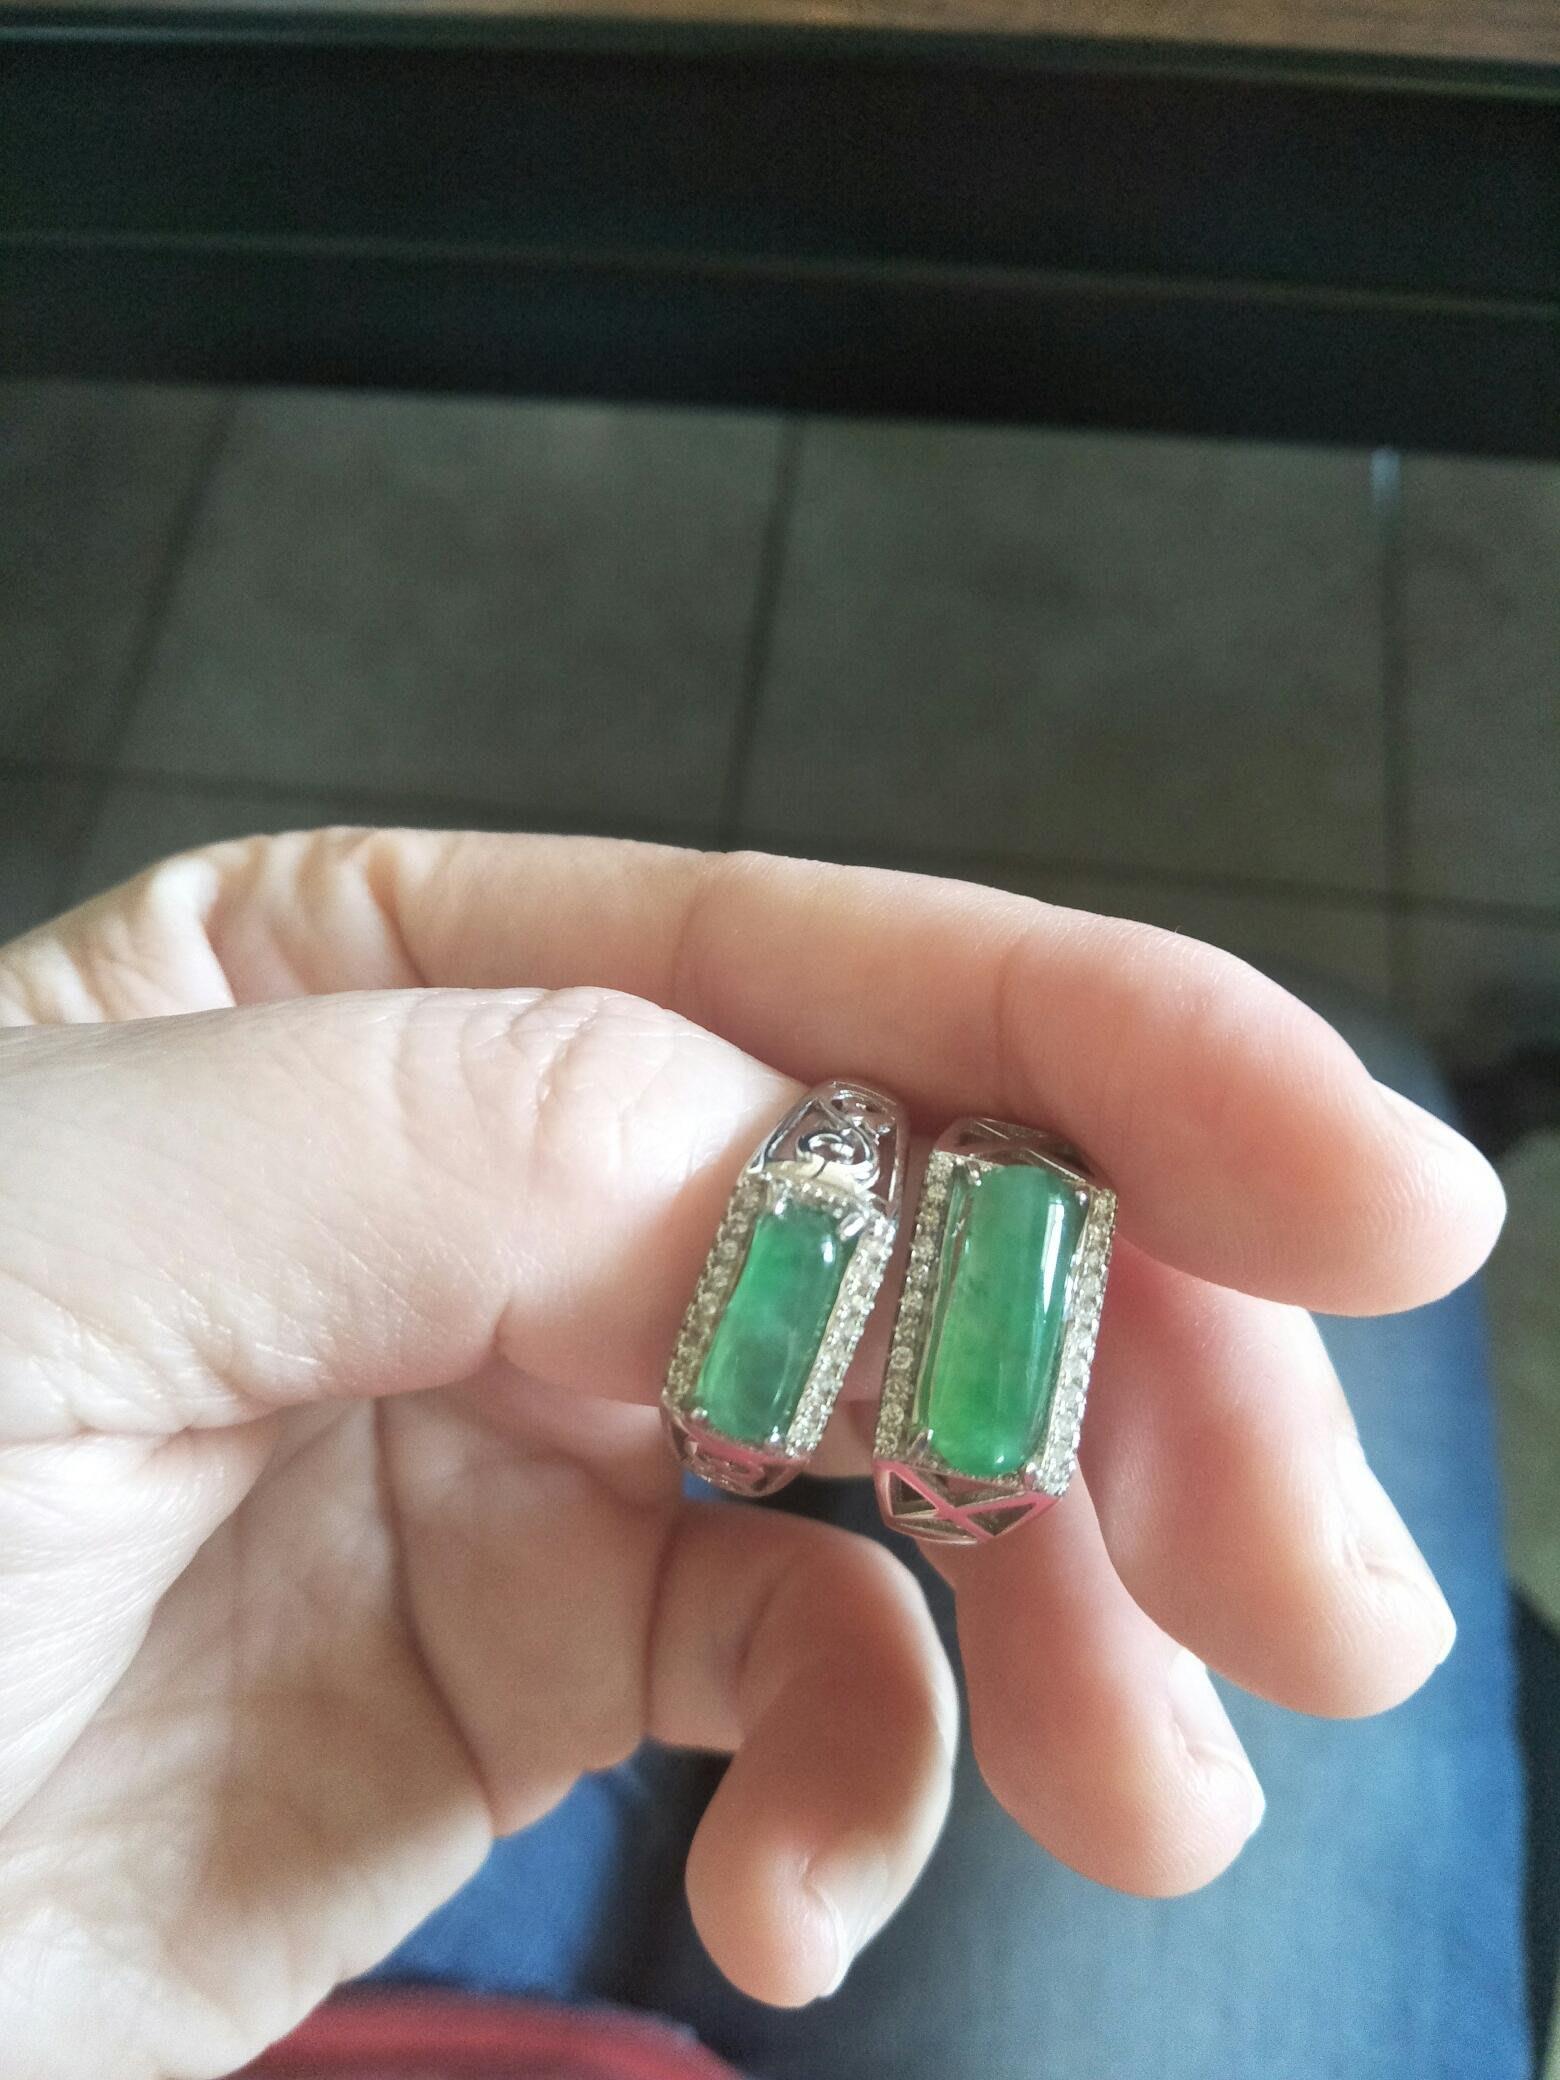 雙12優惠🎉天然緬甸翡翠A貨 冰陽綠馬鞍鑲925銀戒/只有2個